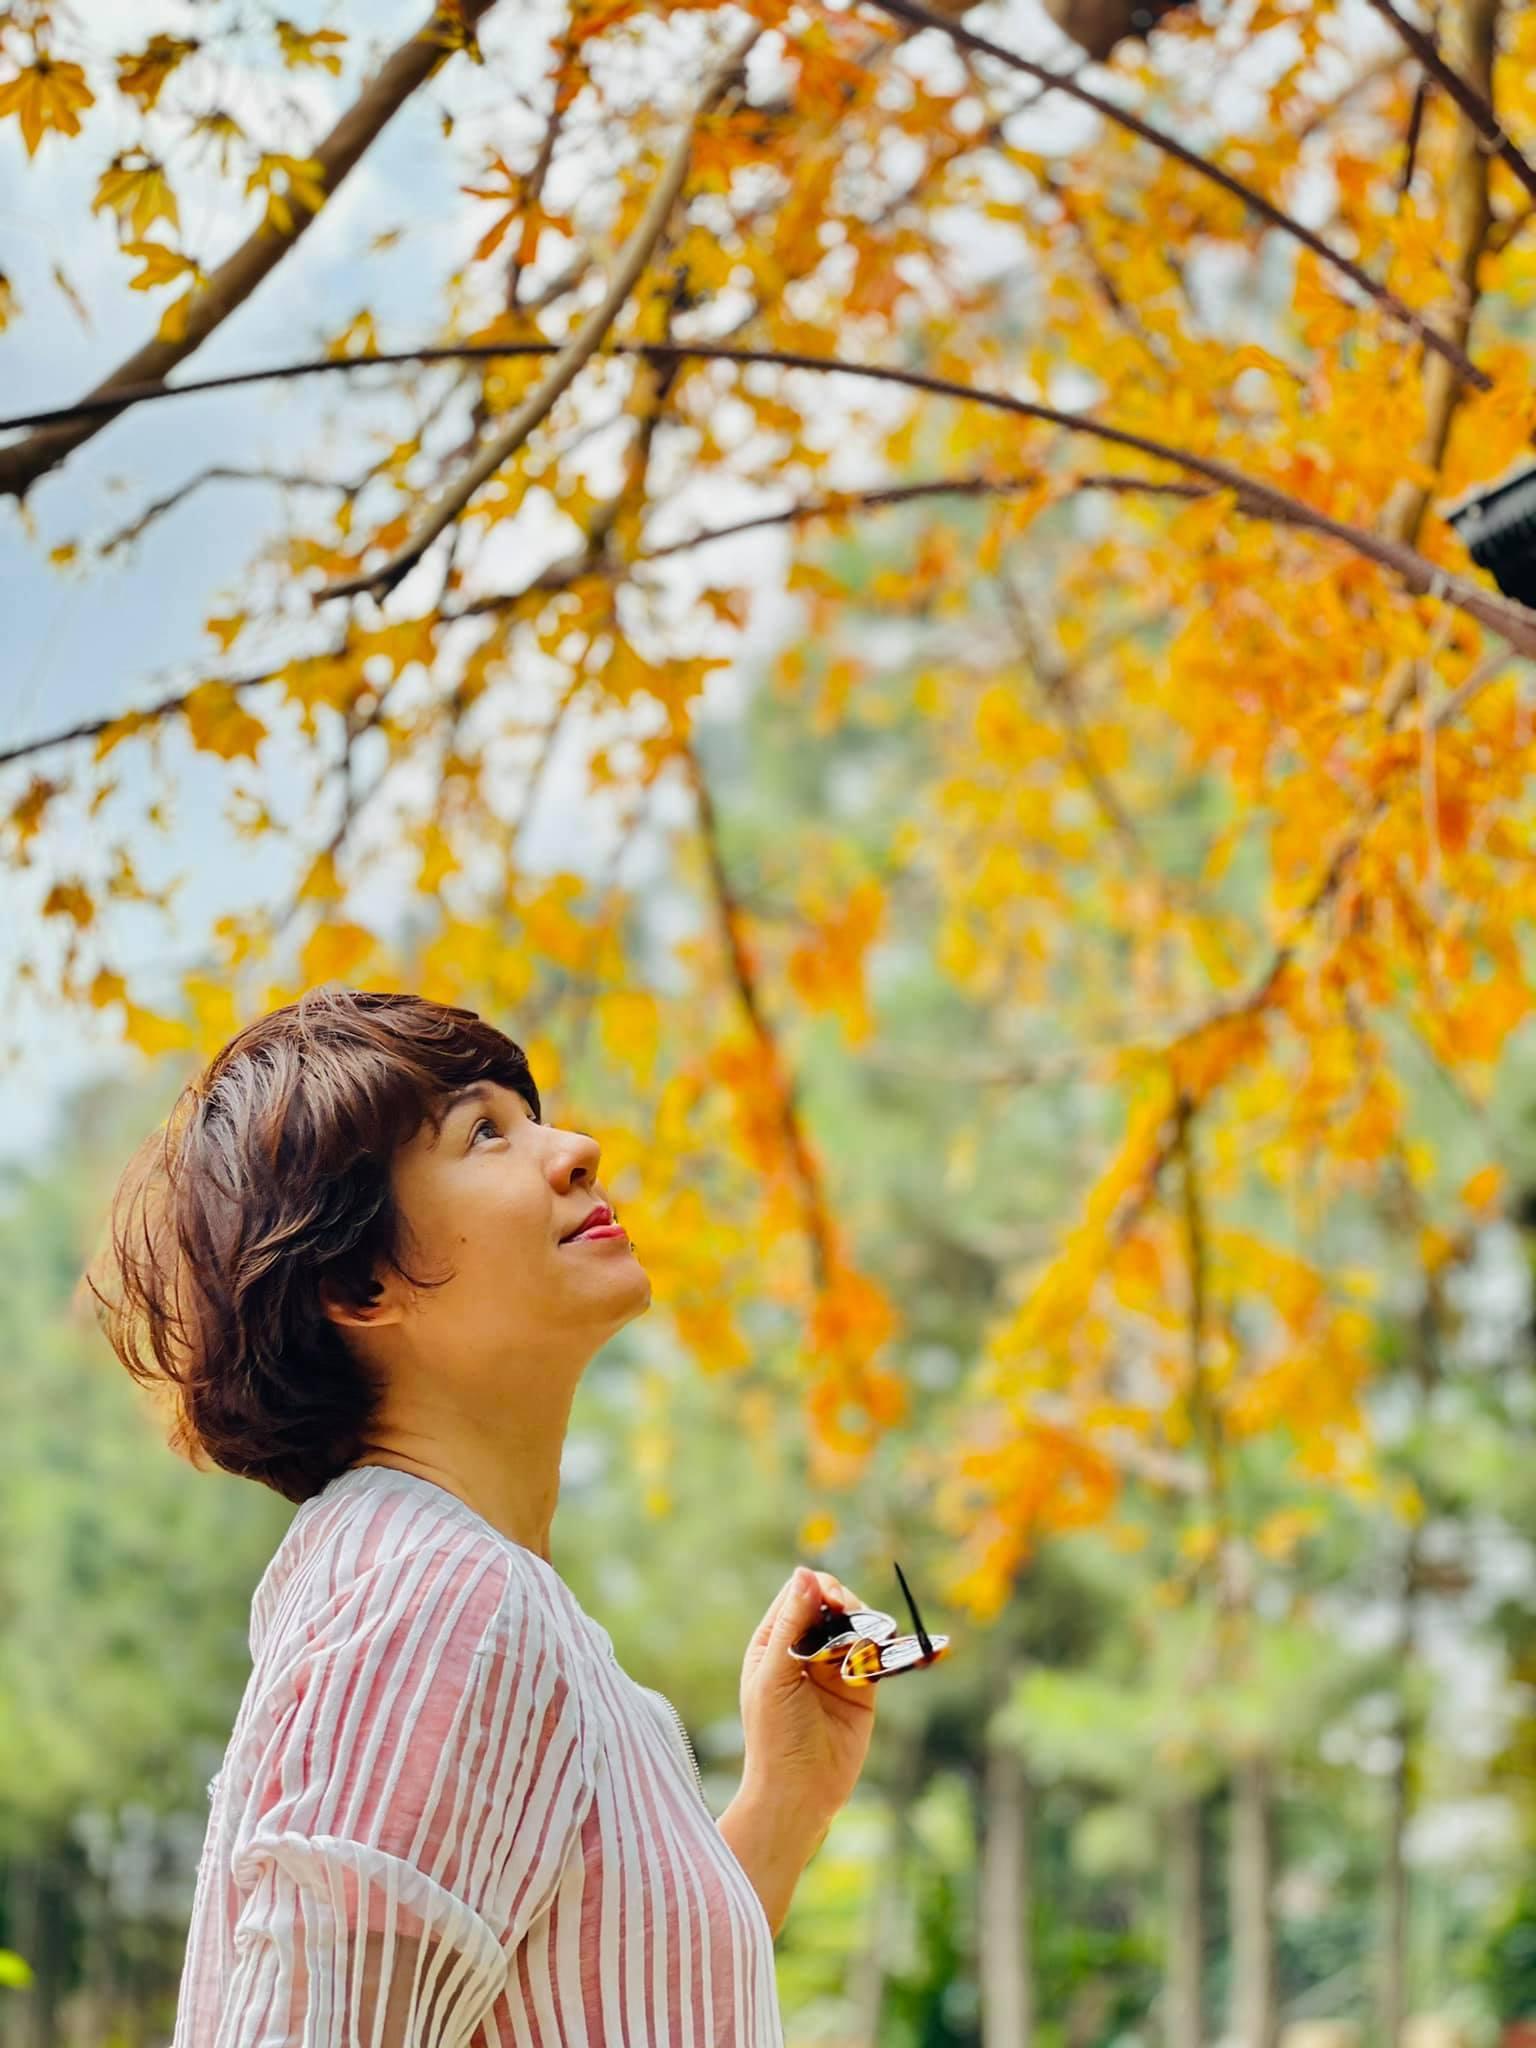 Quỳnh Kool tuổi 26 đẹp trong lành giữa nắng mai